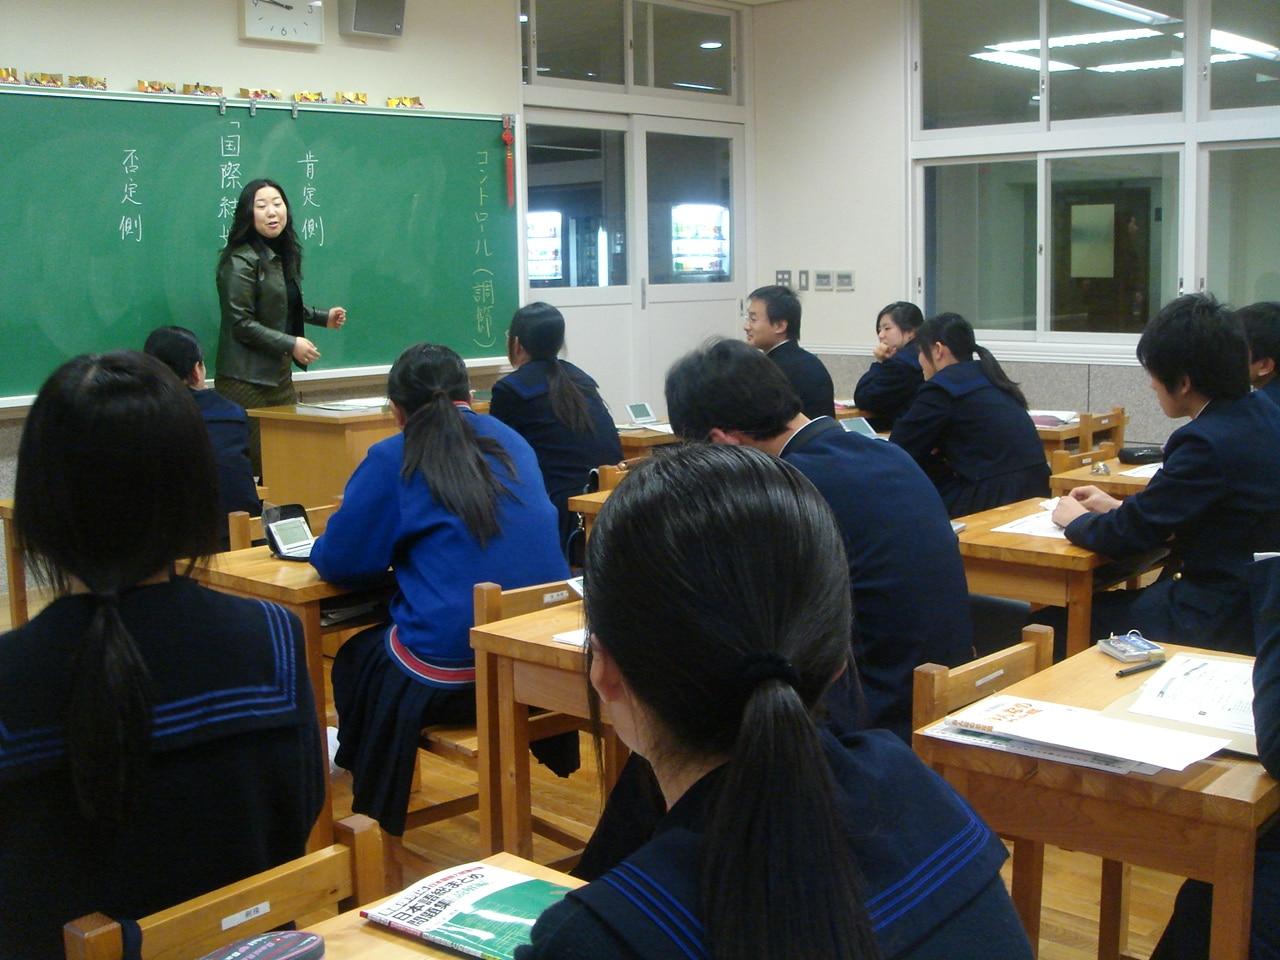 ในห้องเรียน ม.ปลาย ญี่ปุ่น Meitoku